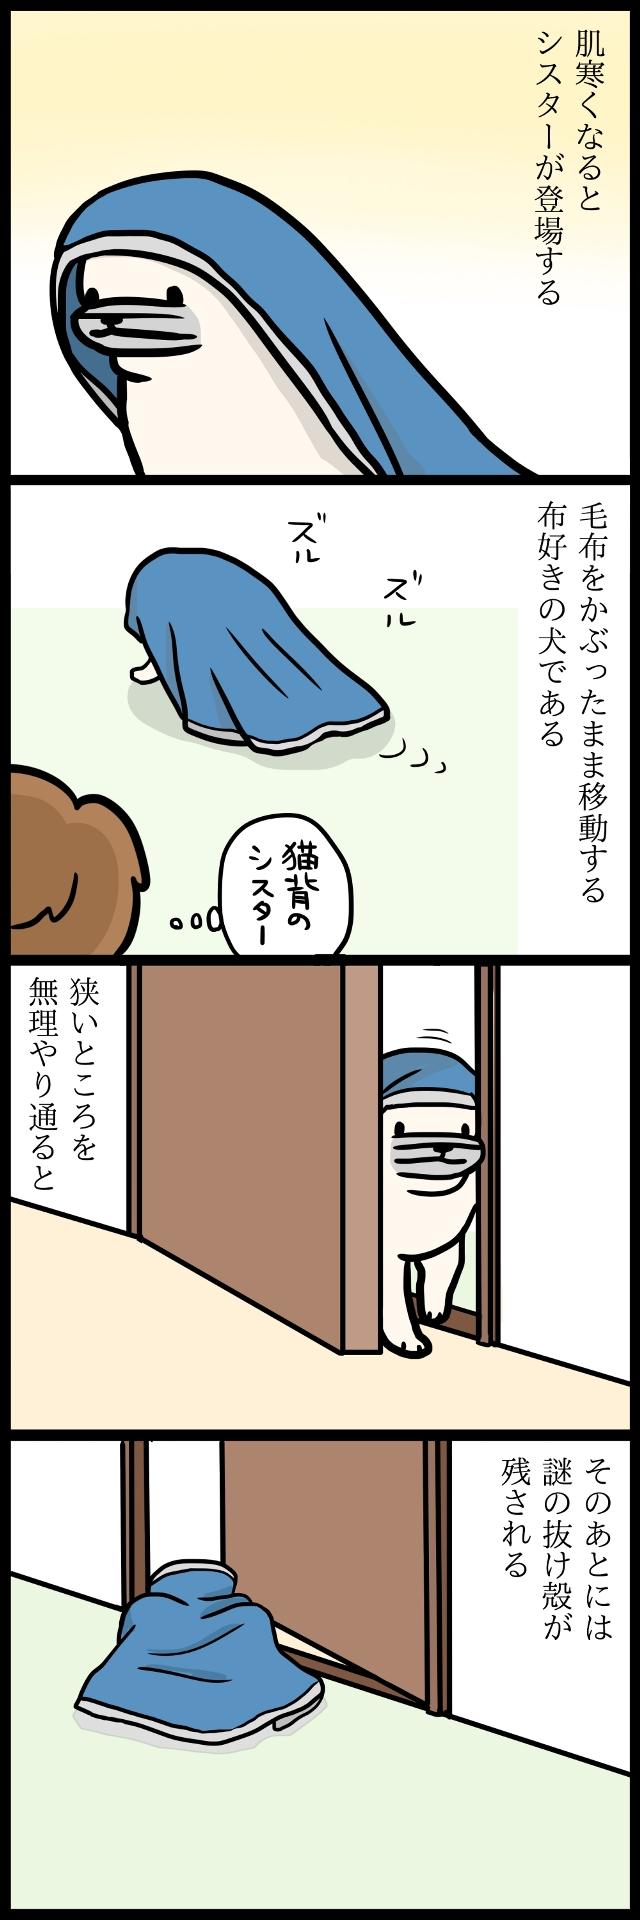 【パグ犬のいる家】めーとの生活(37)「温故知新」1ページ目